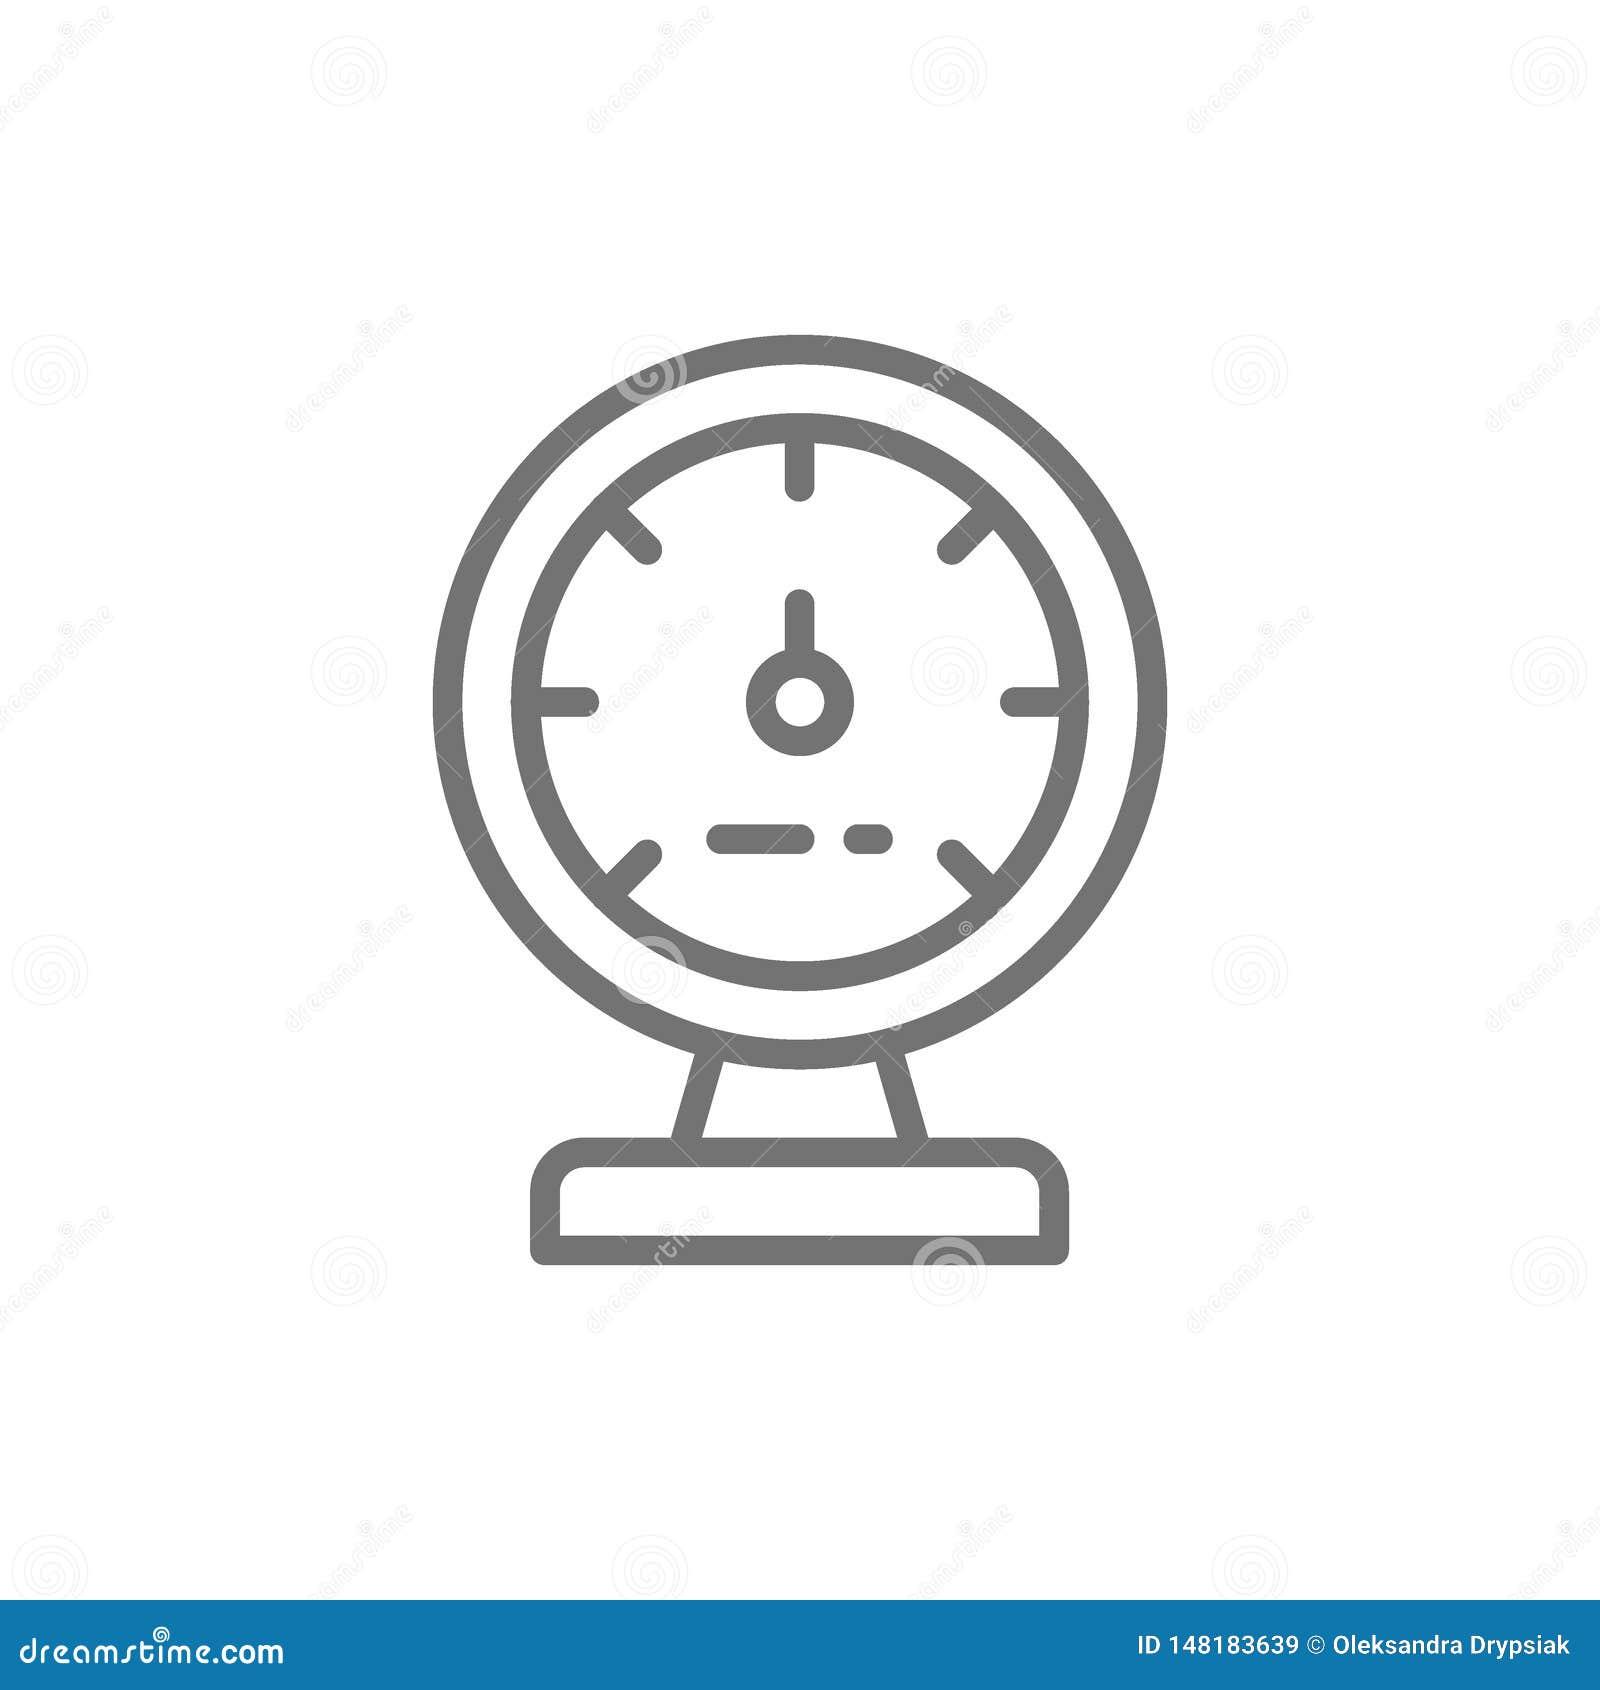 Manometer apparat för att mäta ånga och vattentrycklinjen symbol